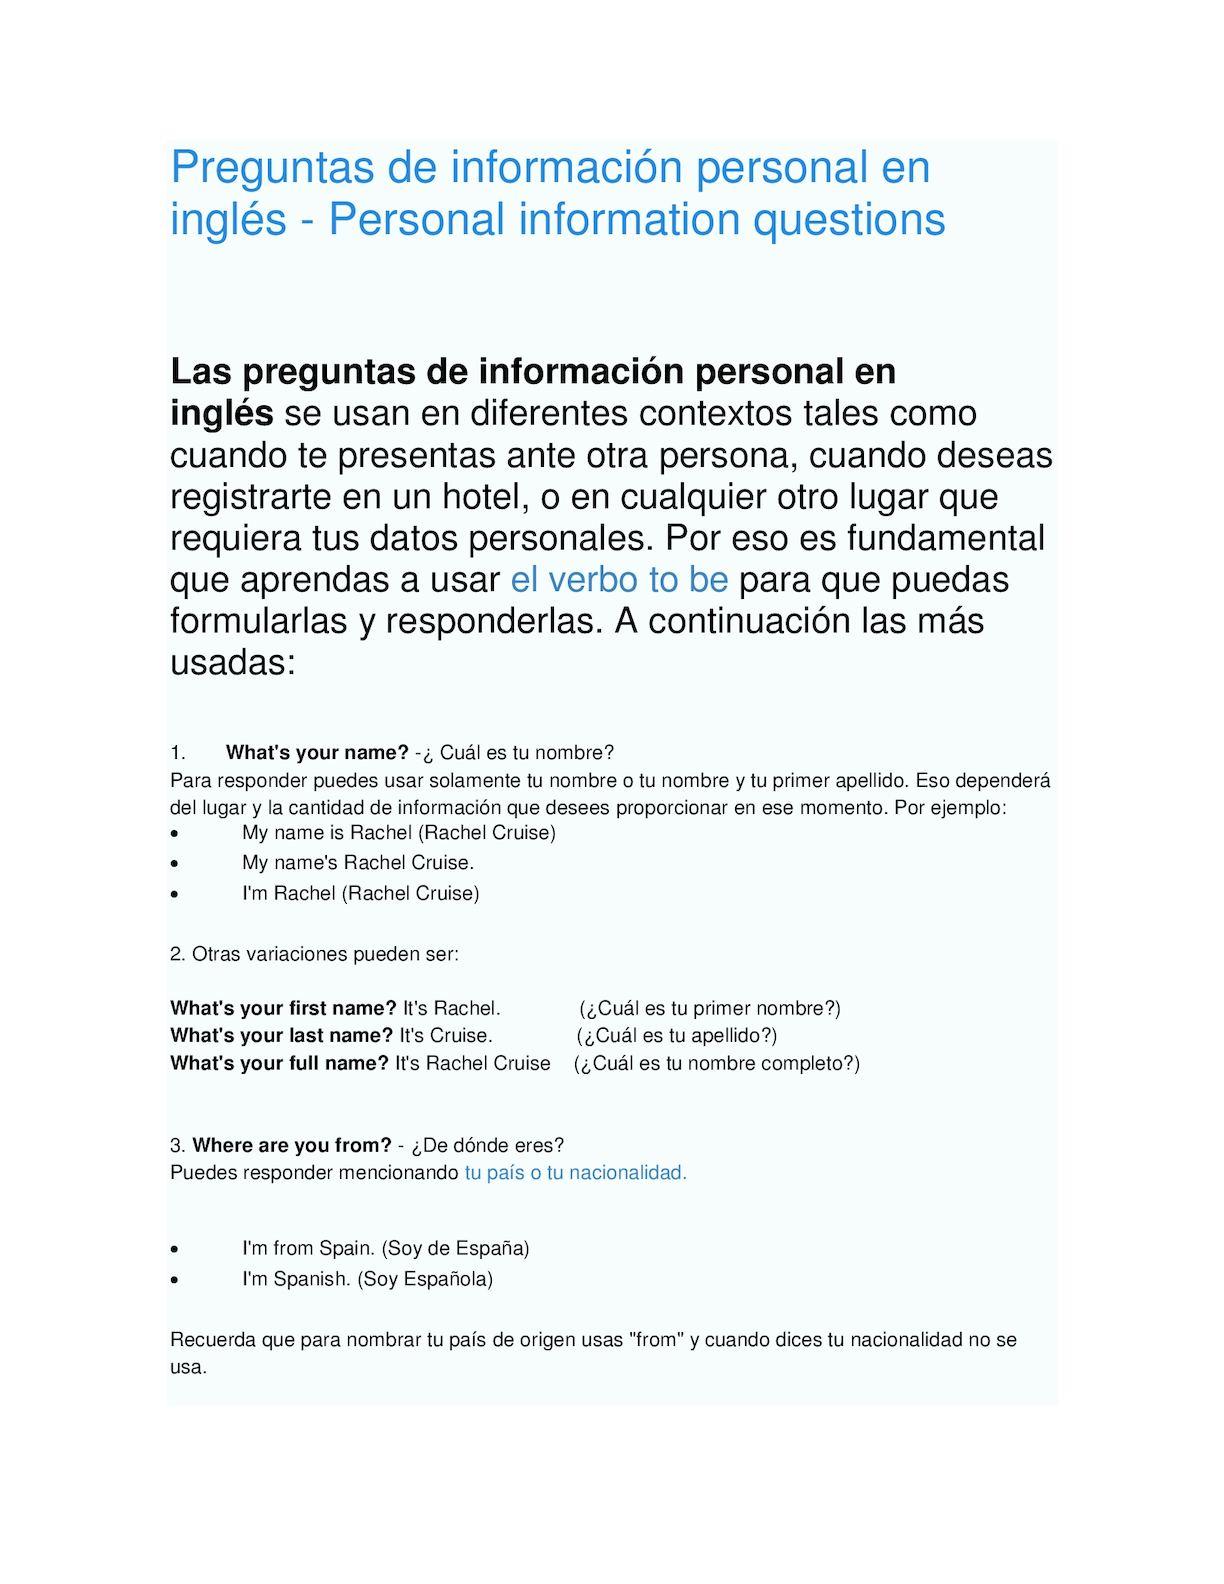 Calaméo Preguntas De Información Personal En Inglés